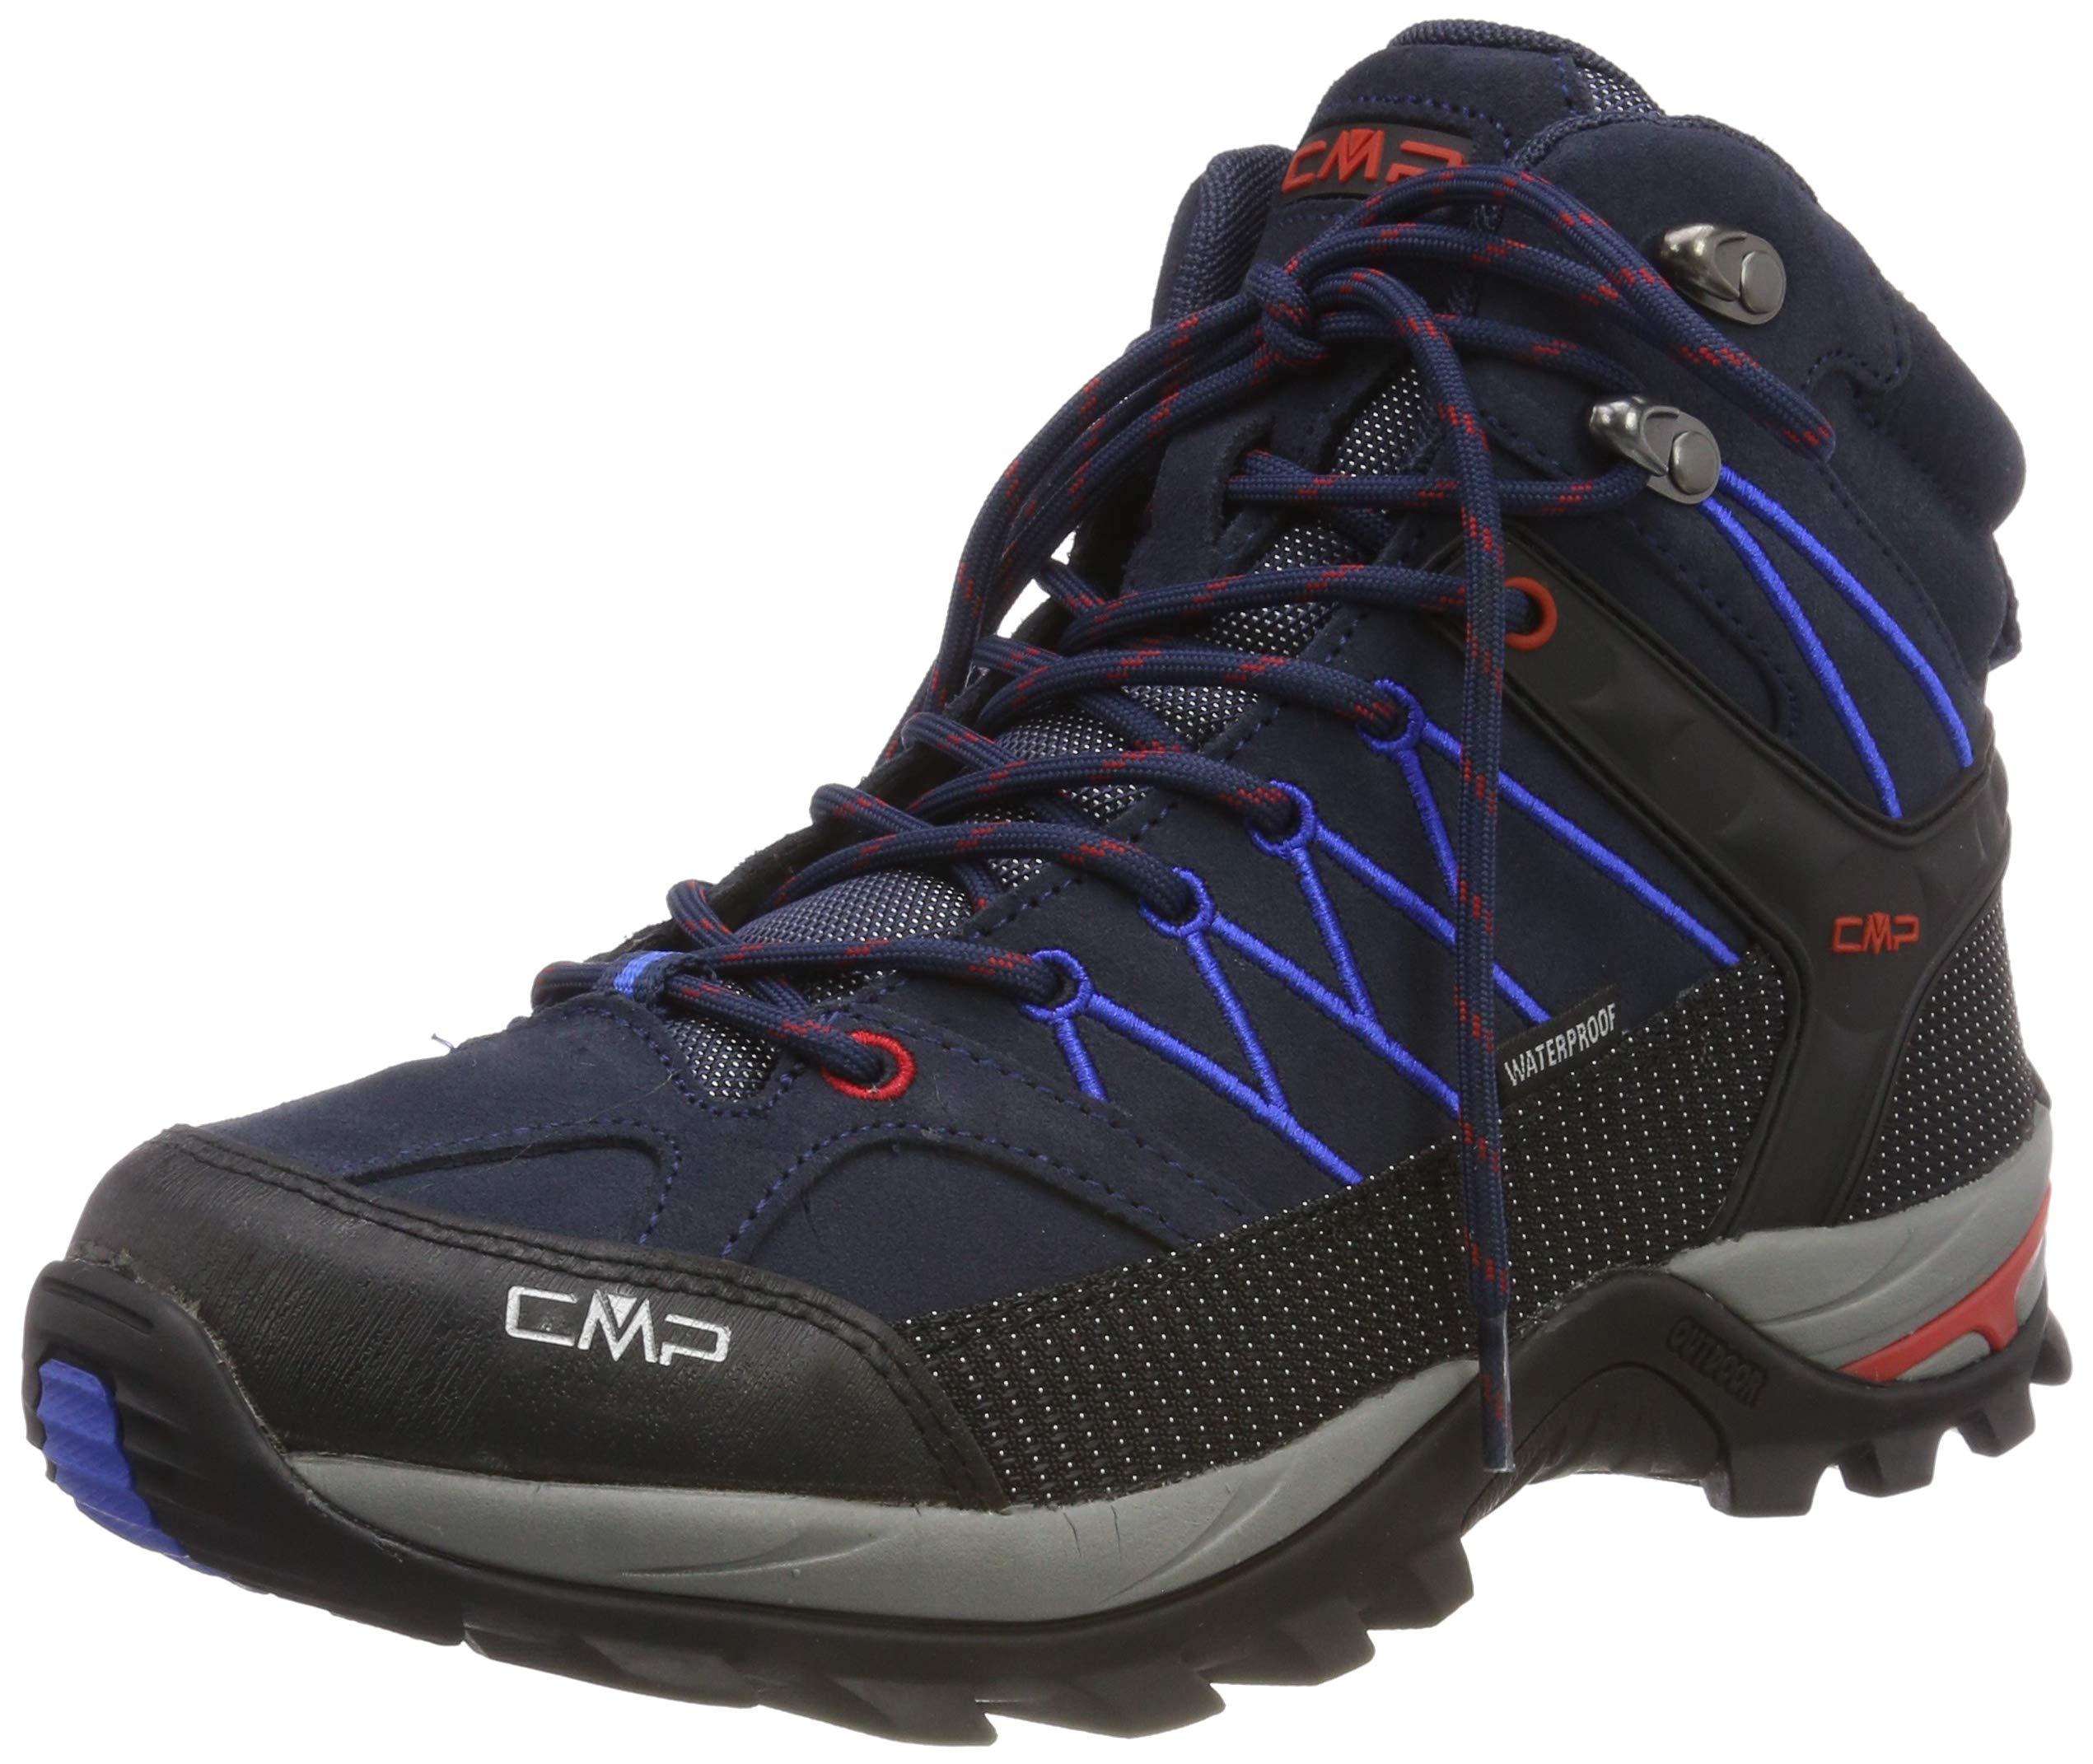 ca8599d0851ea I piu votati nella categoria Scarpe da escursionismo uomo ...